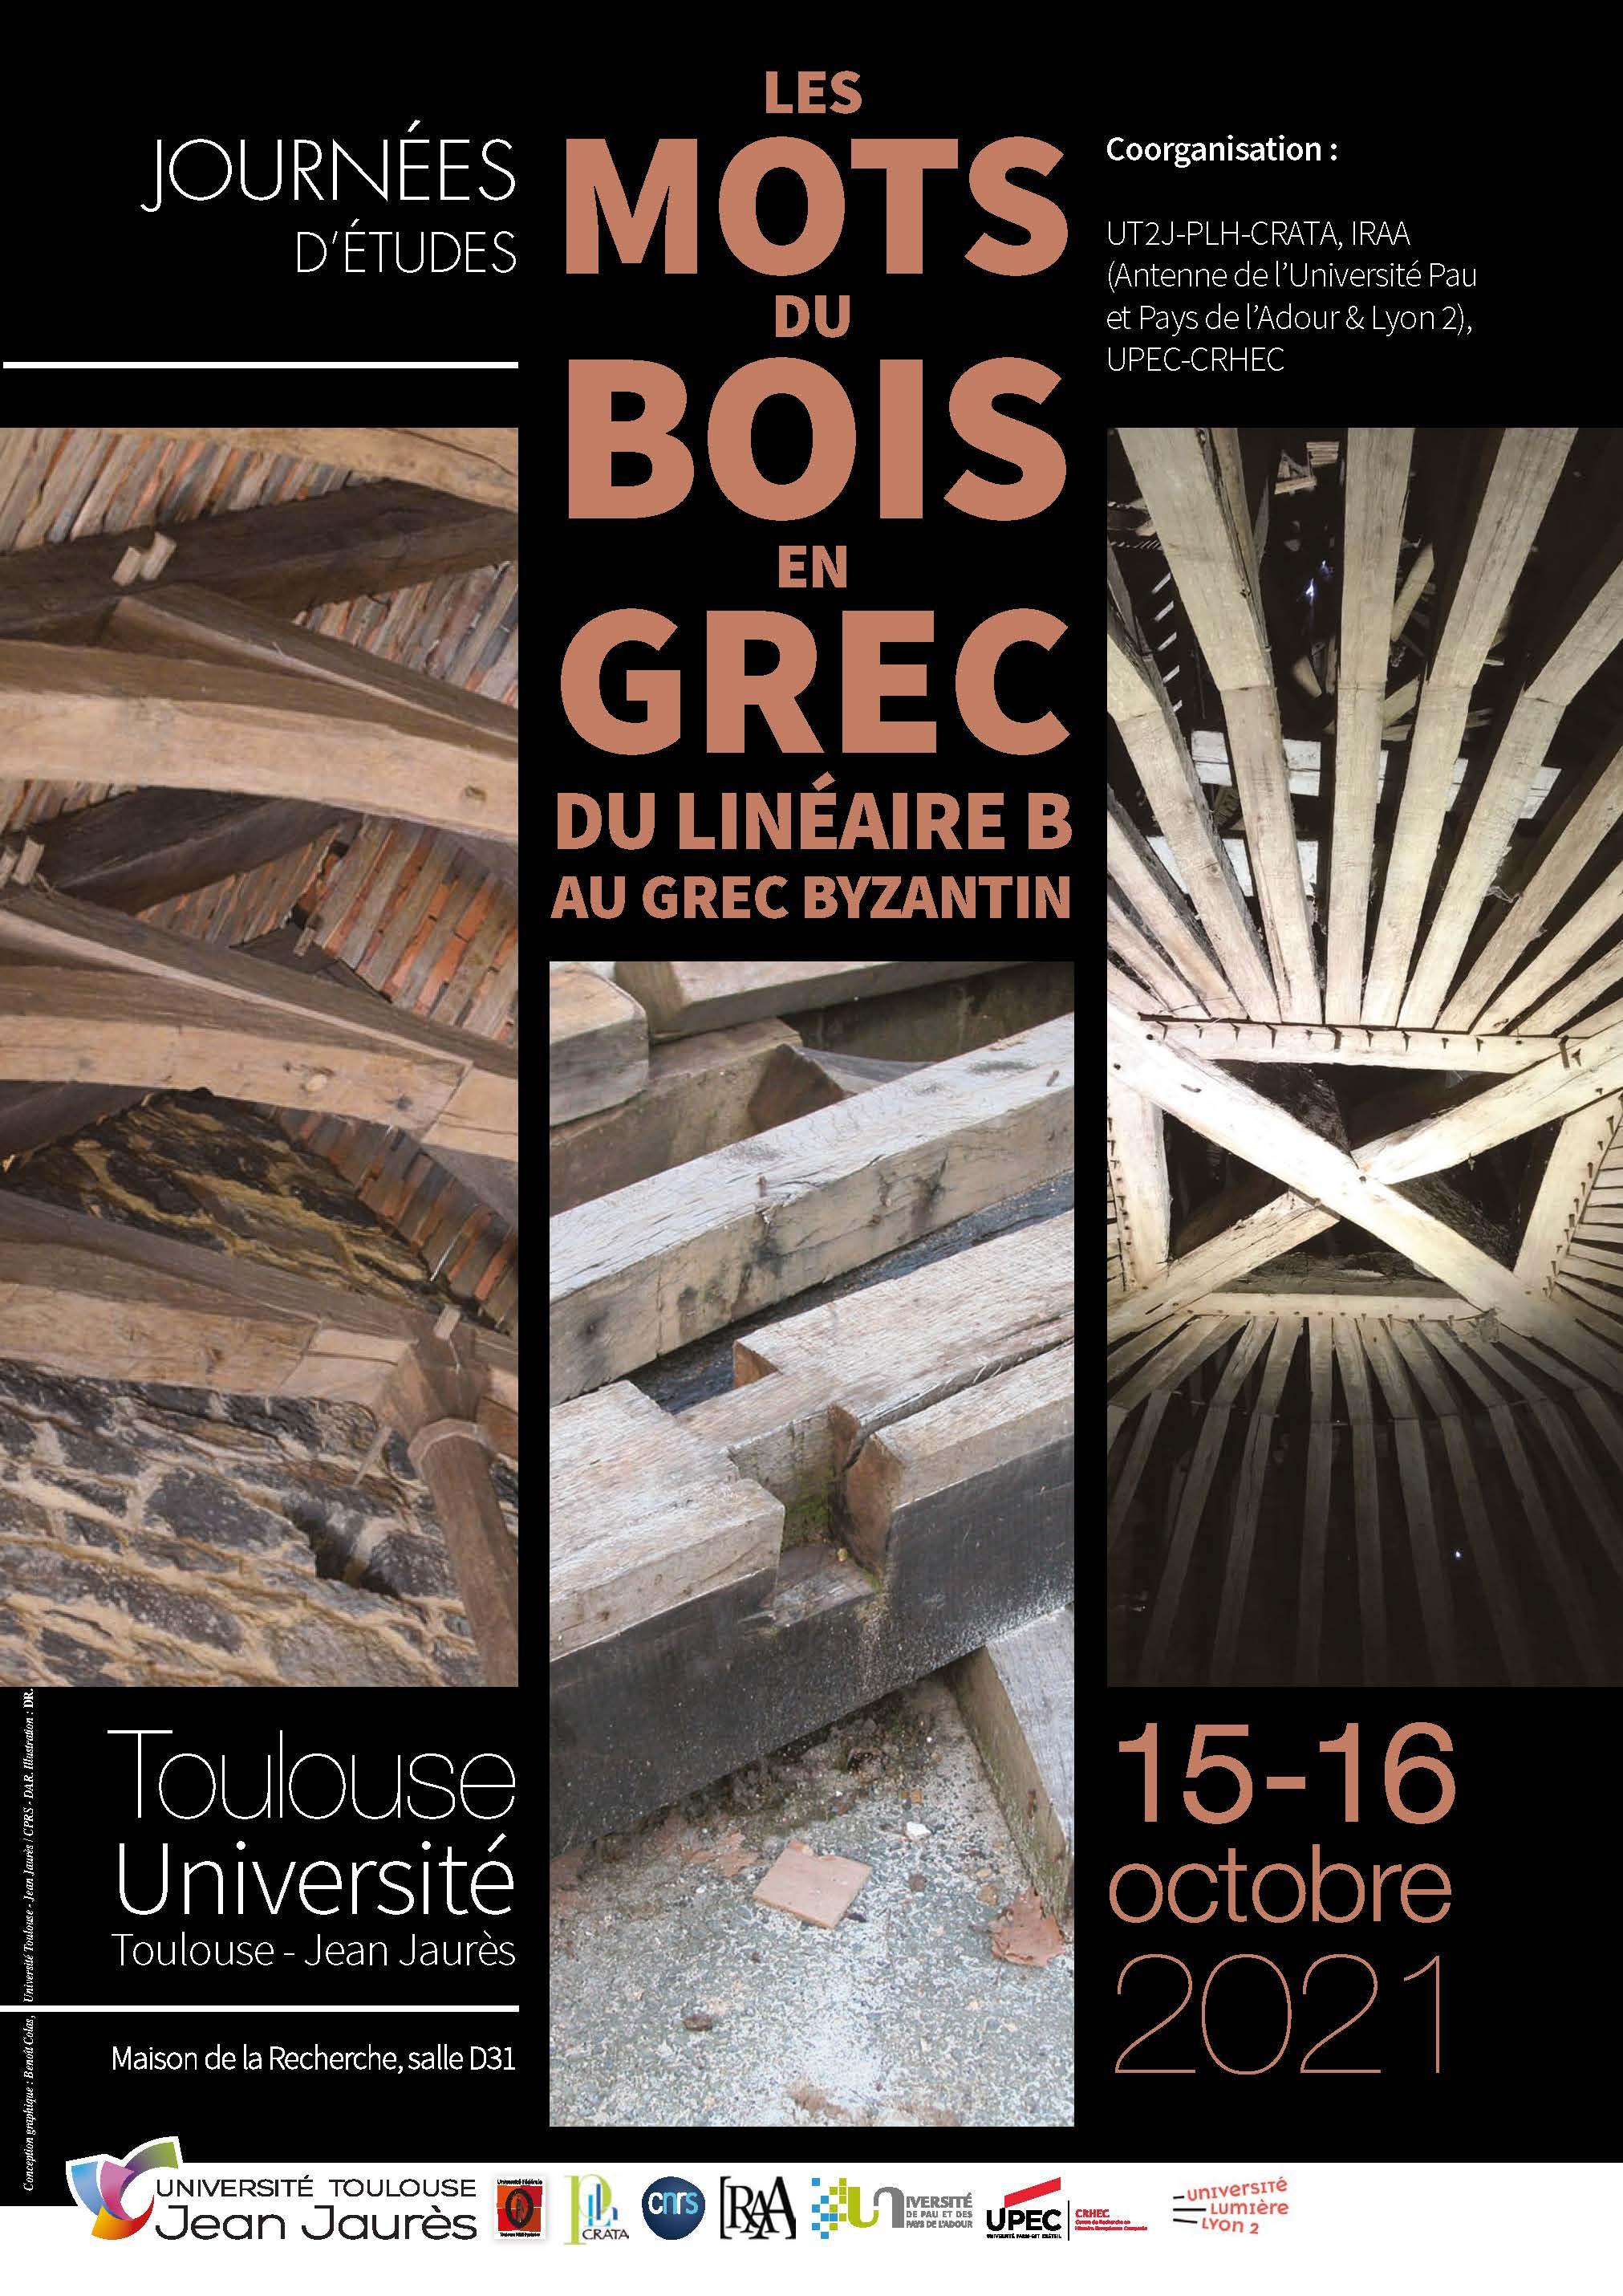 Affiche journée d'études : Les mots du bois en grec du linéaire B au grec byzantin